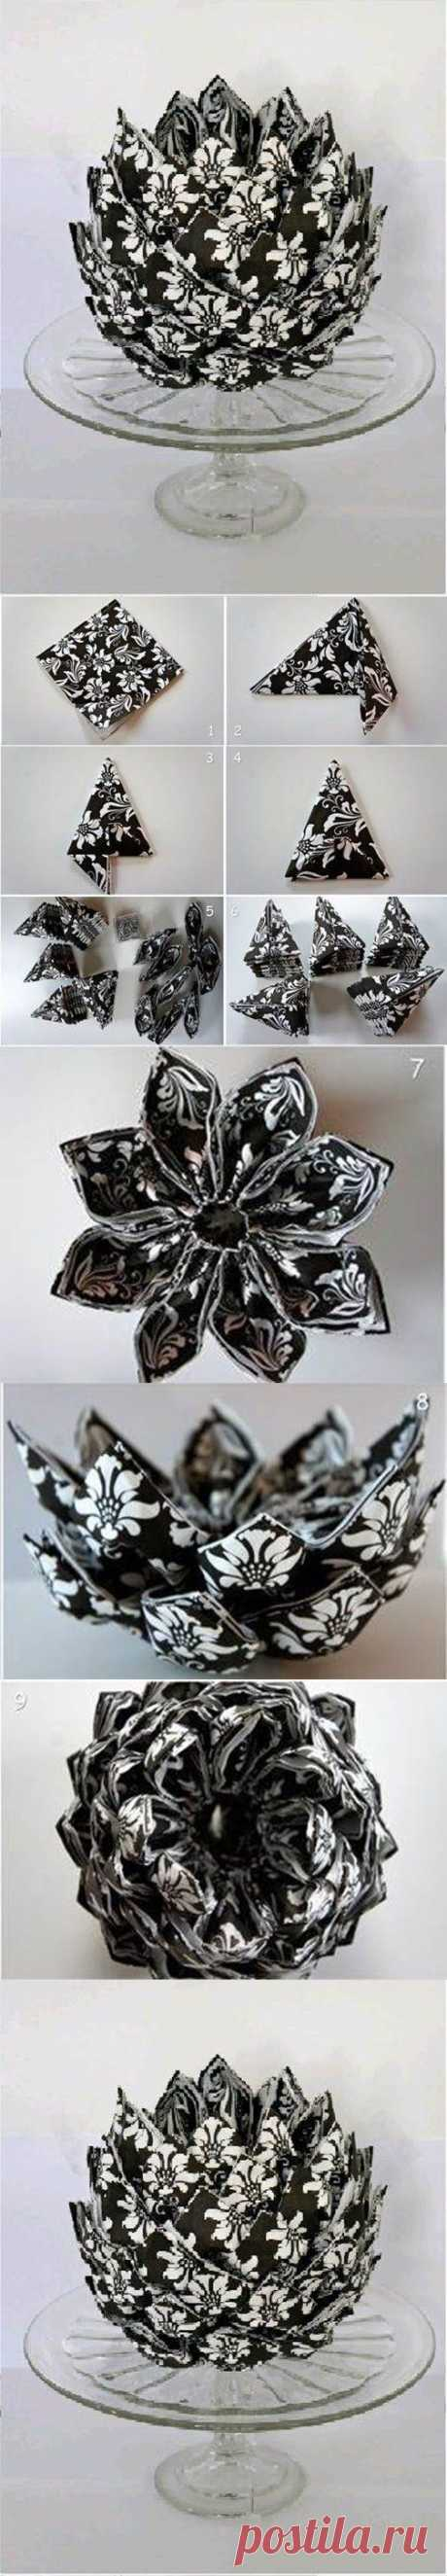 DIY Napkin Artichoke Decoration   iCreativeIdeas.com